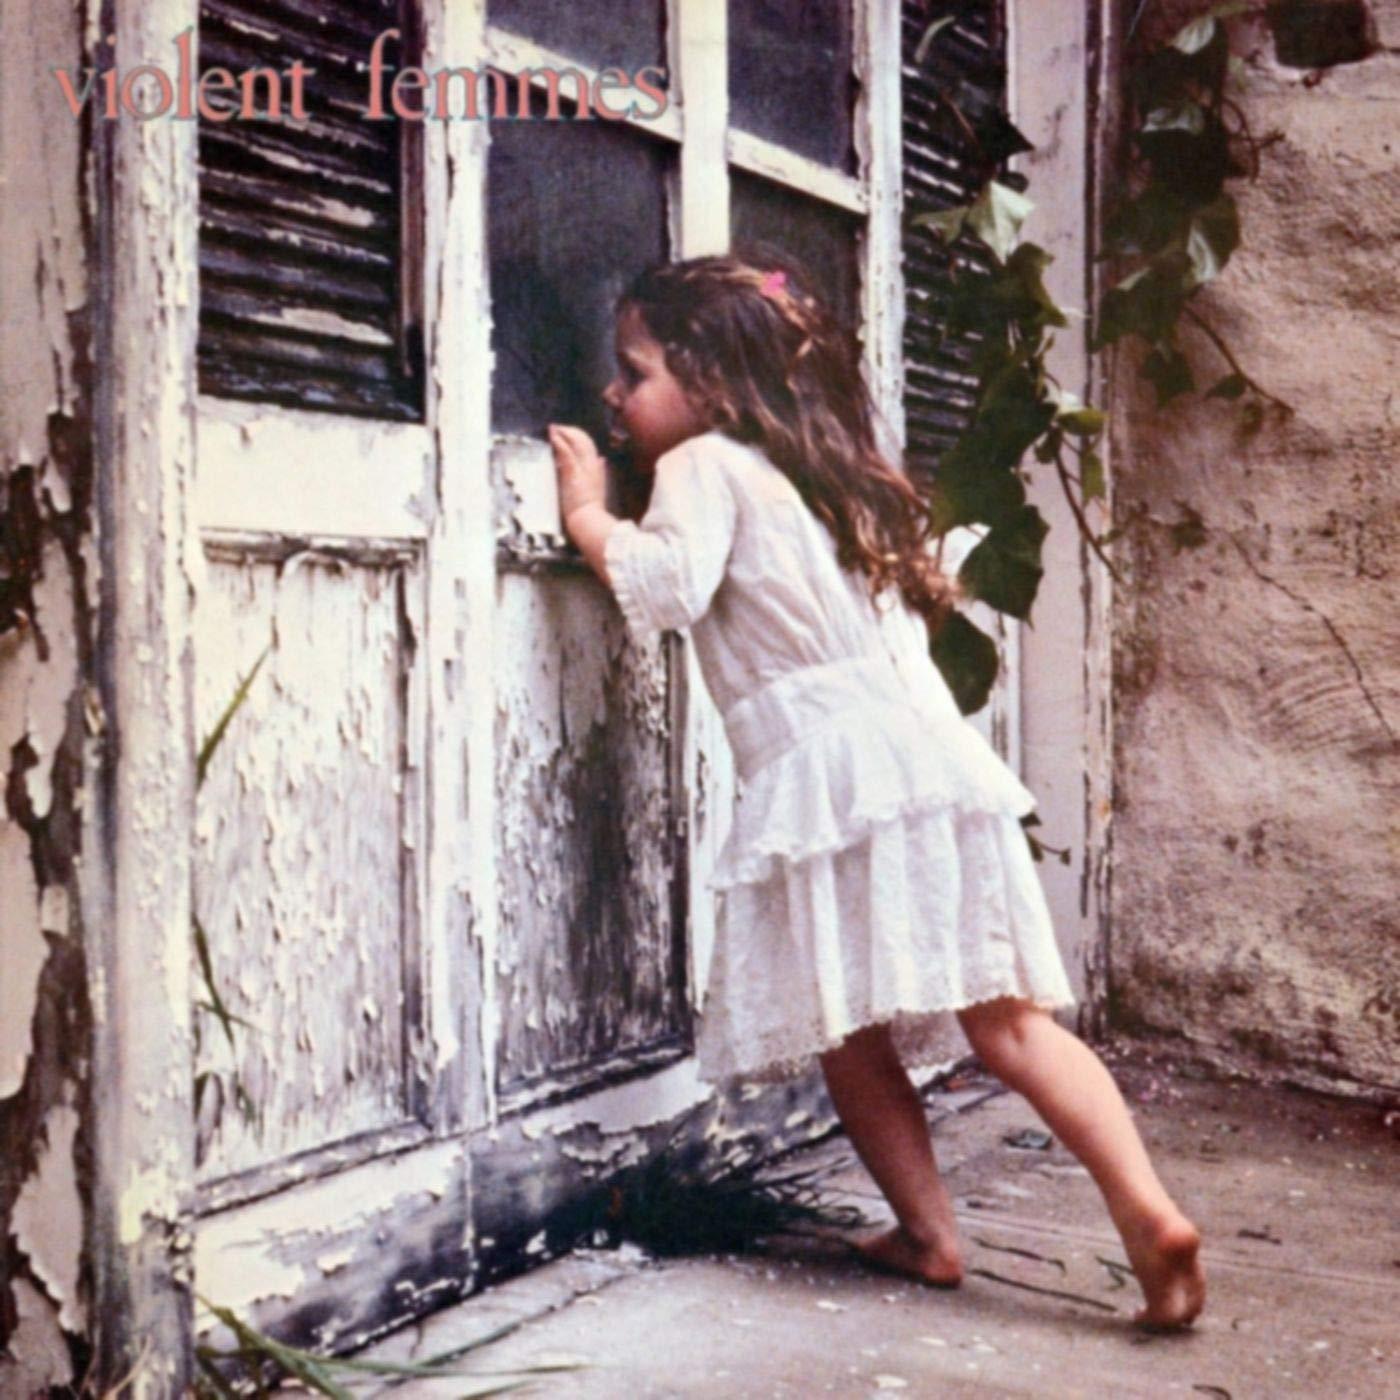 National Album Day: Violent Femmes